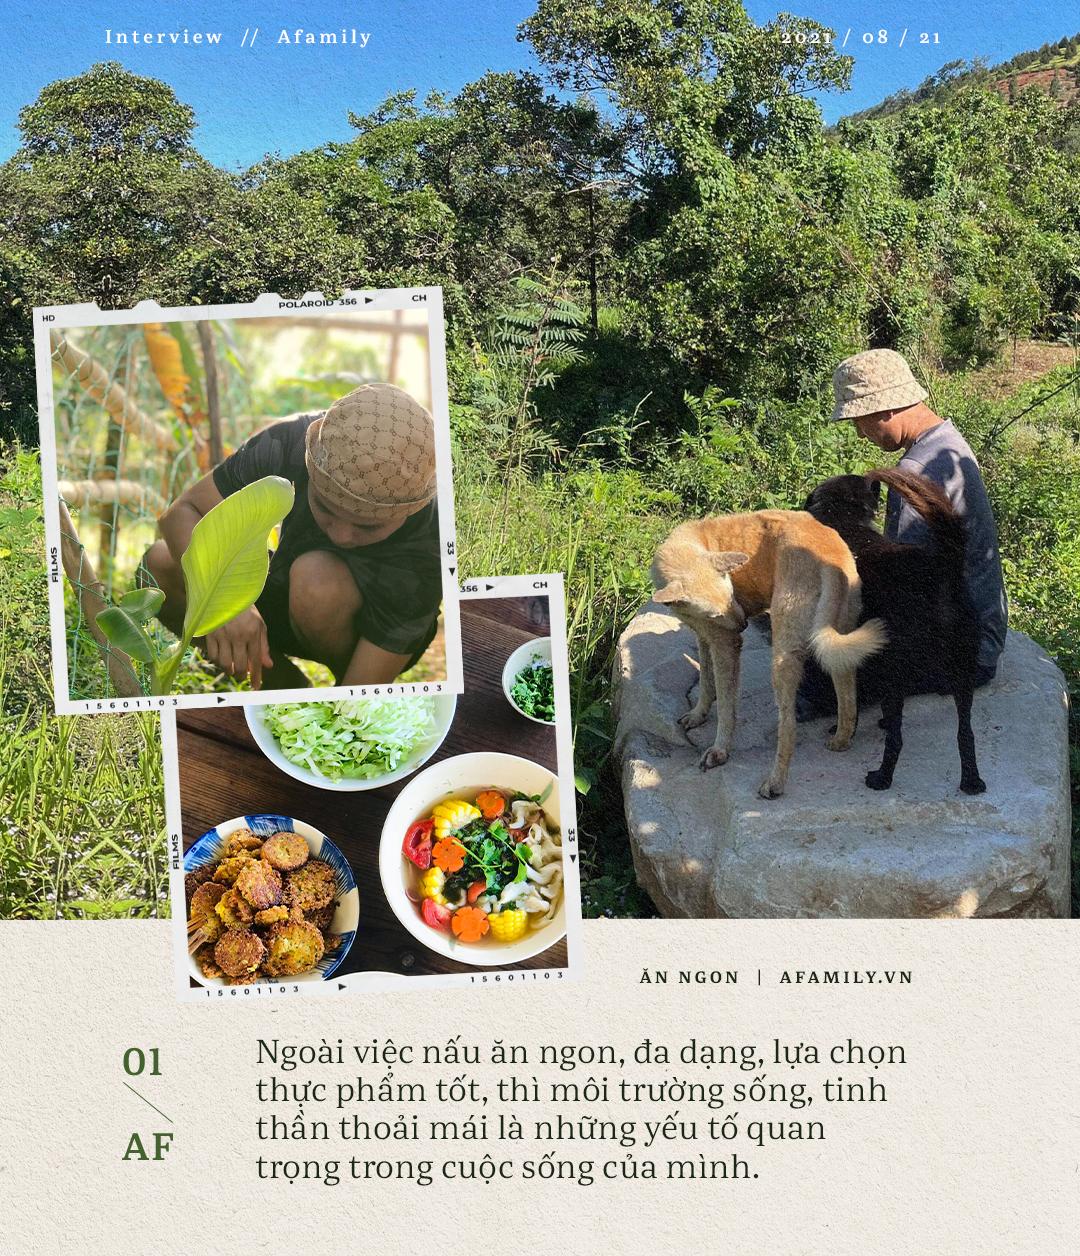 Ngày Vu Lan, gặp trai đẹp làm kiến trúc sư bỏ phố thị về sống gần gũi thiên nhiên, chuyển sang ăn chay và tự trồng rau  - Ảnh 9.